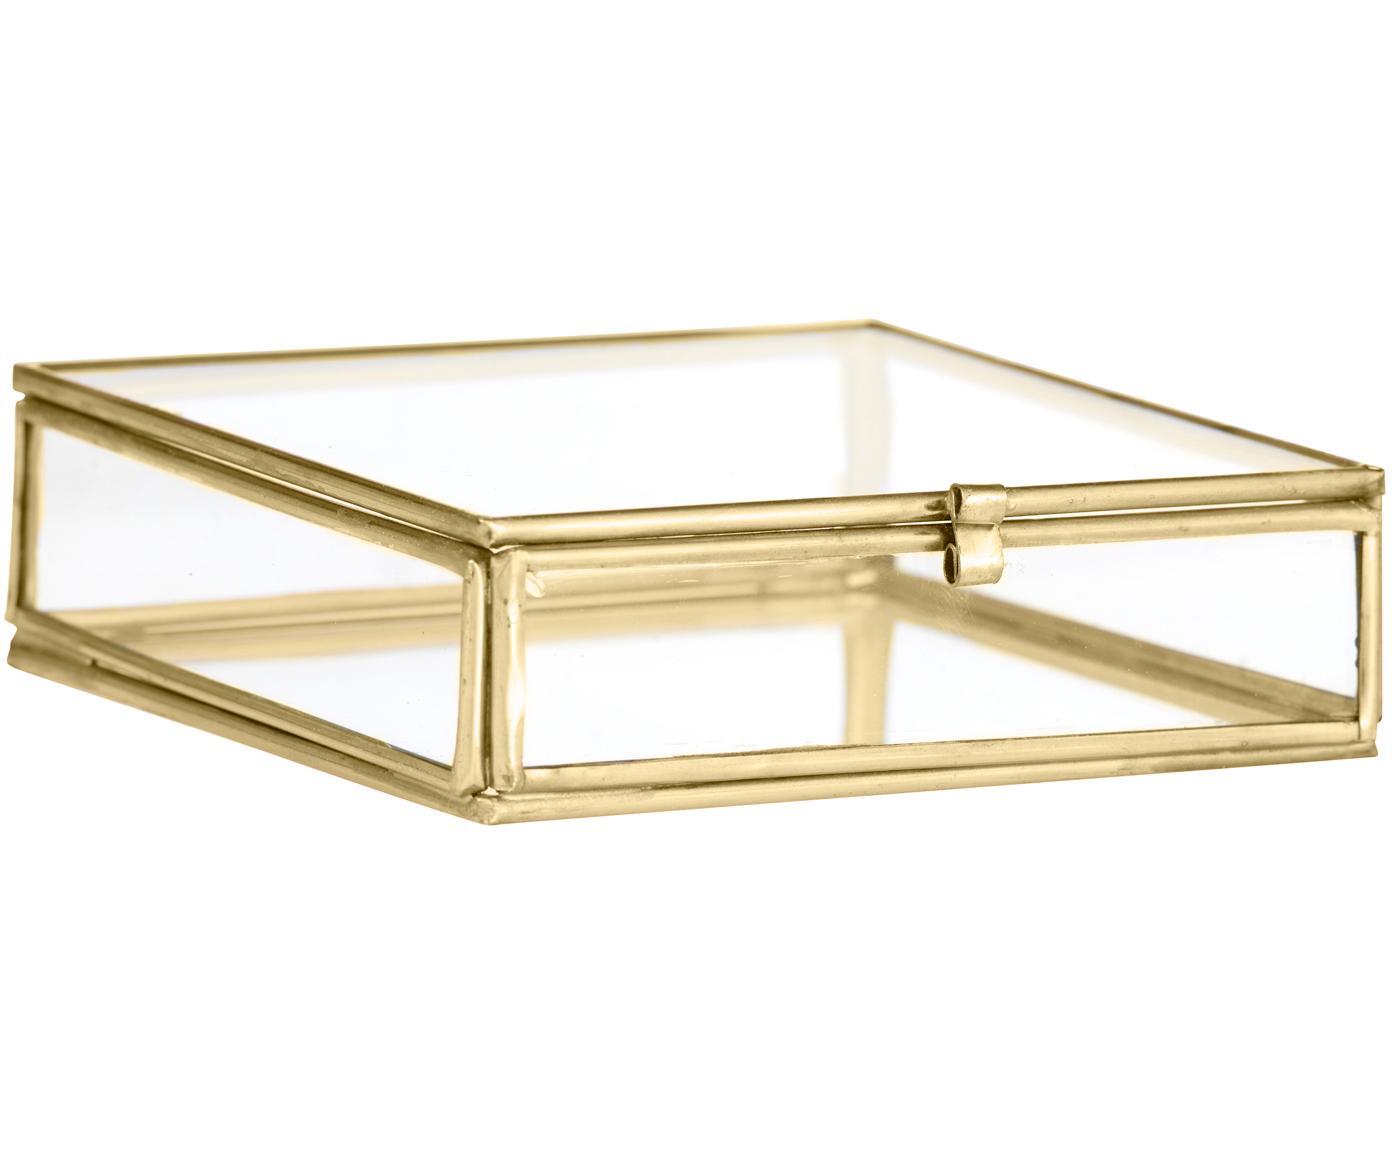 Pudełko do przechowywania Ivey, Odcienie mosiądzu, S 11 x W 4 cm